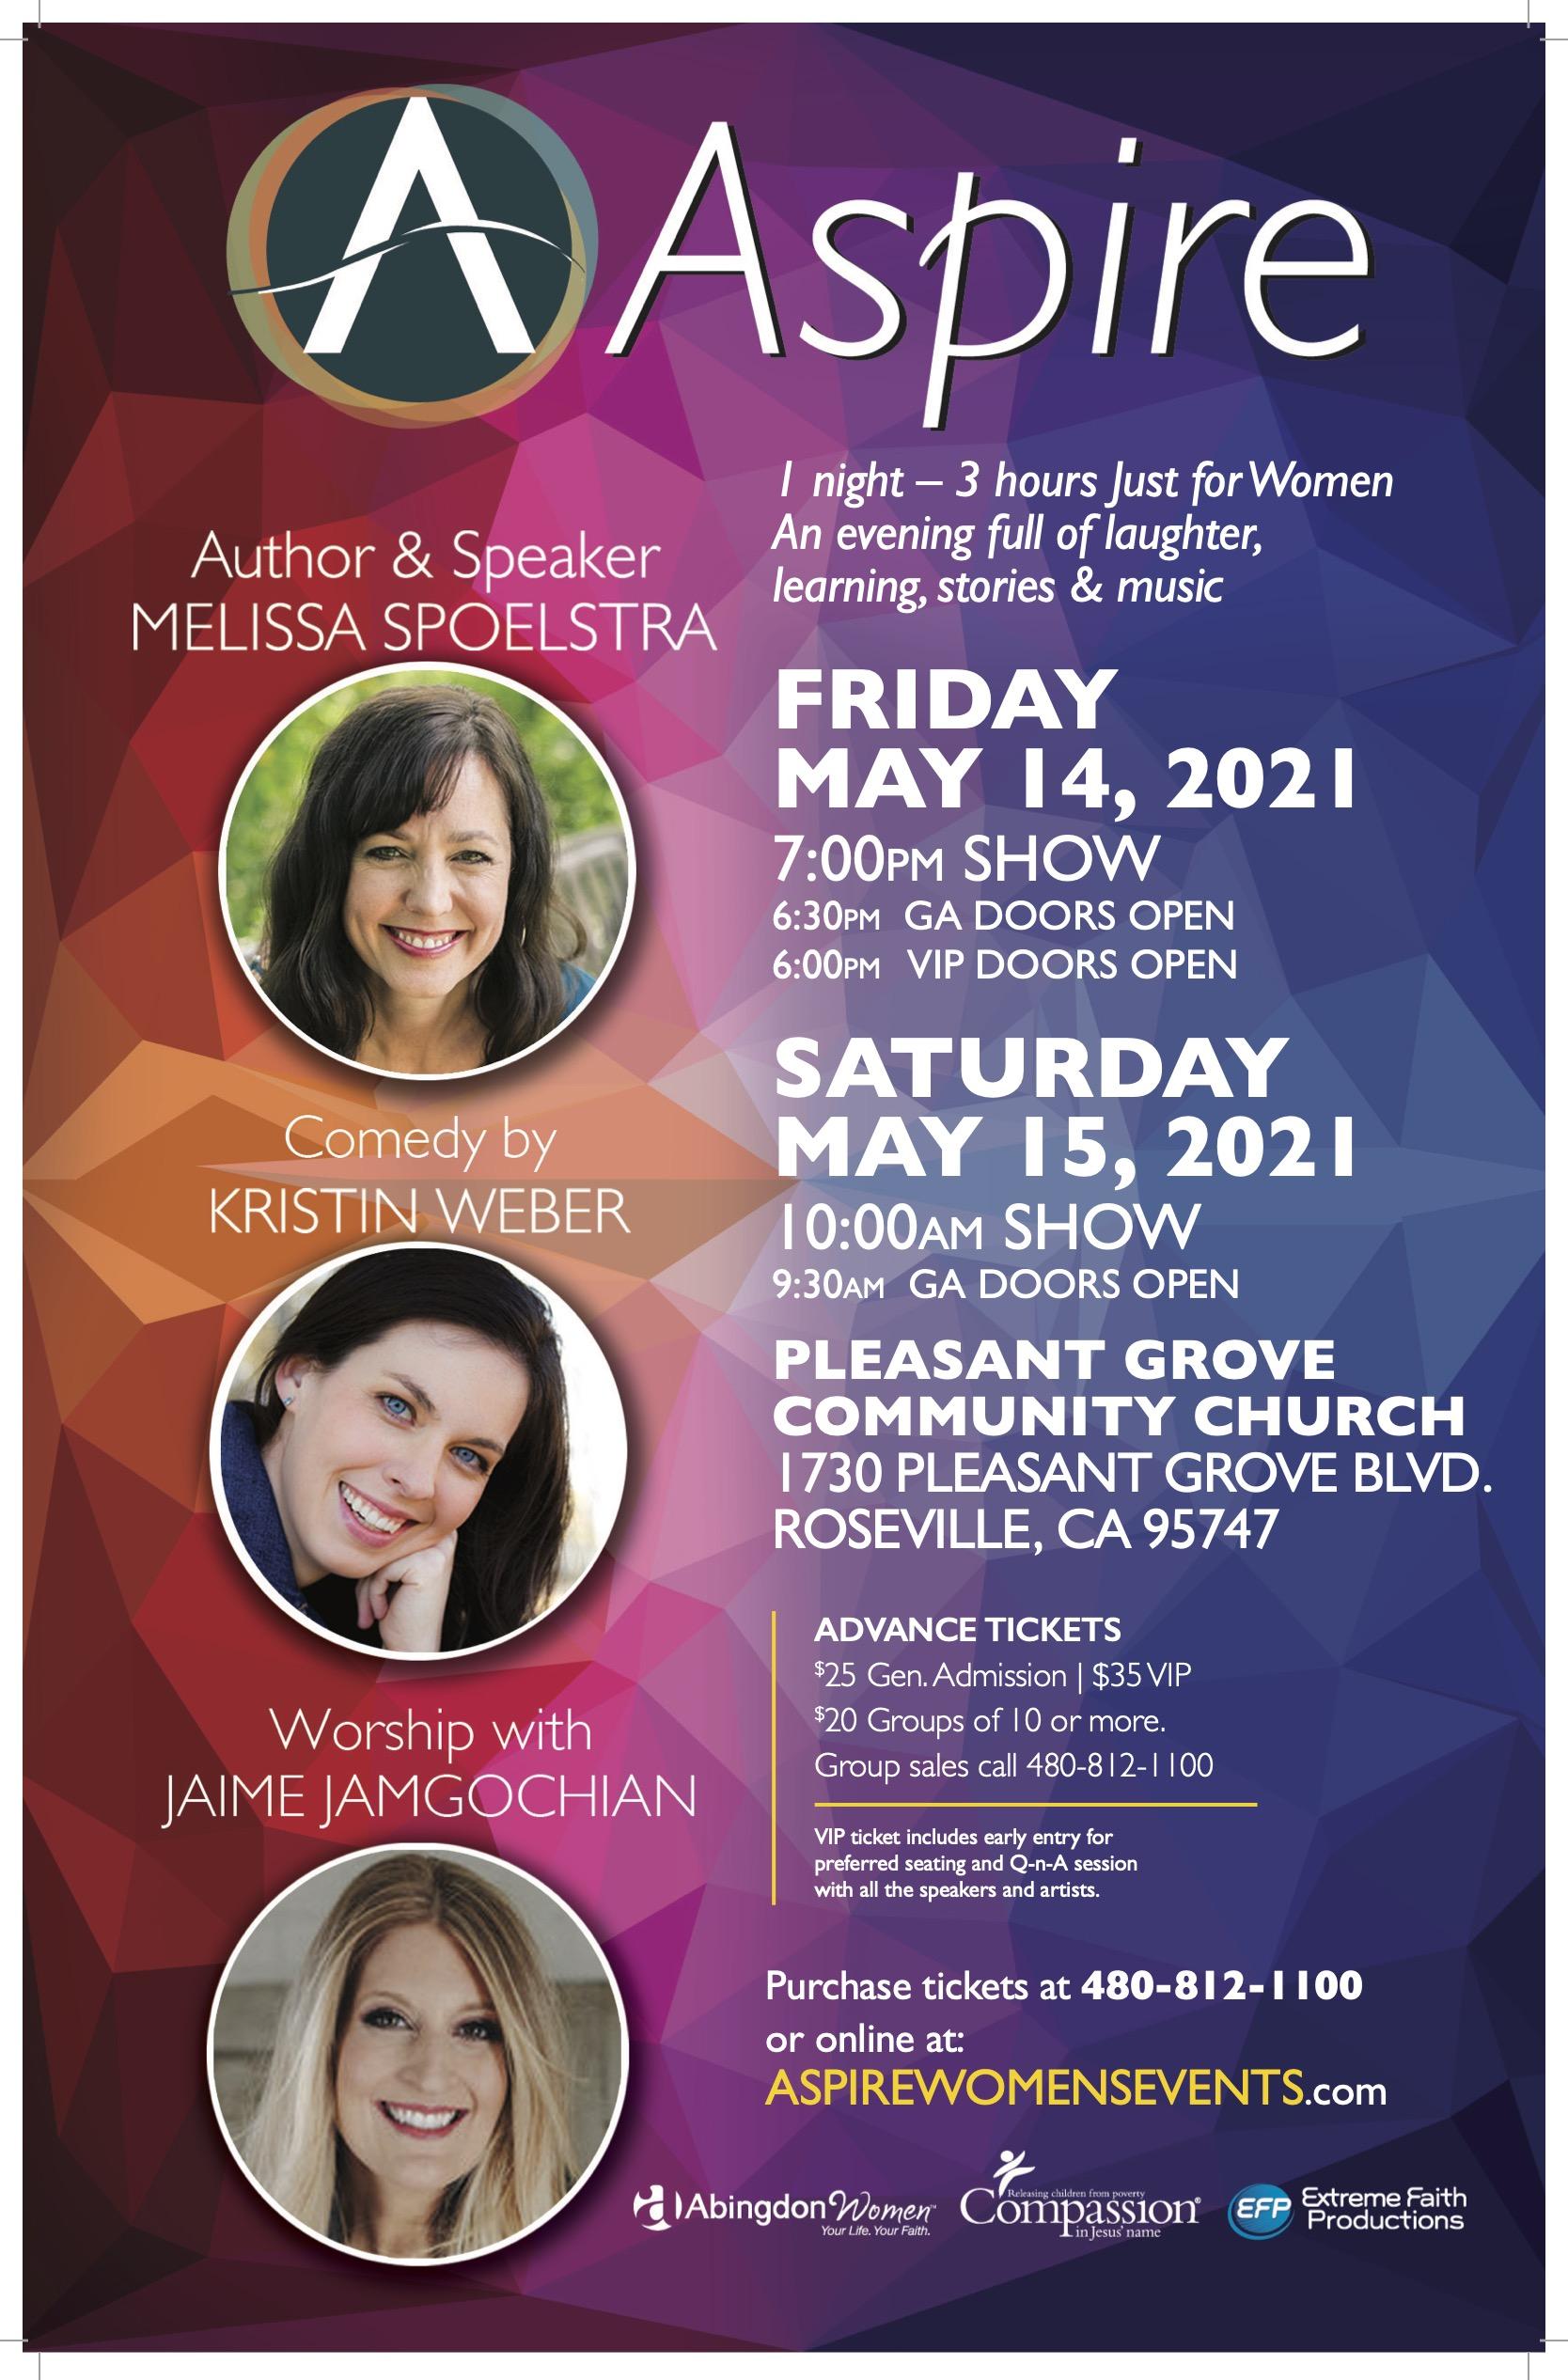 ASPIRE FRI-SAT May 14-15 Roseville CA